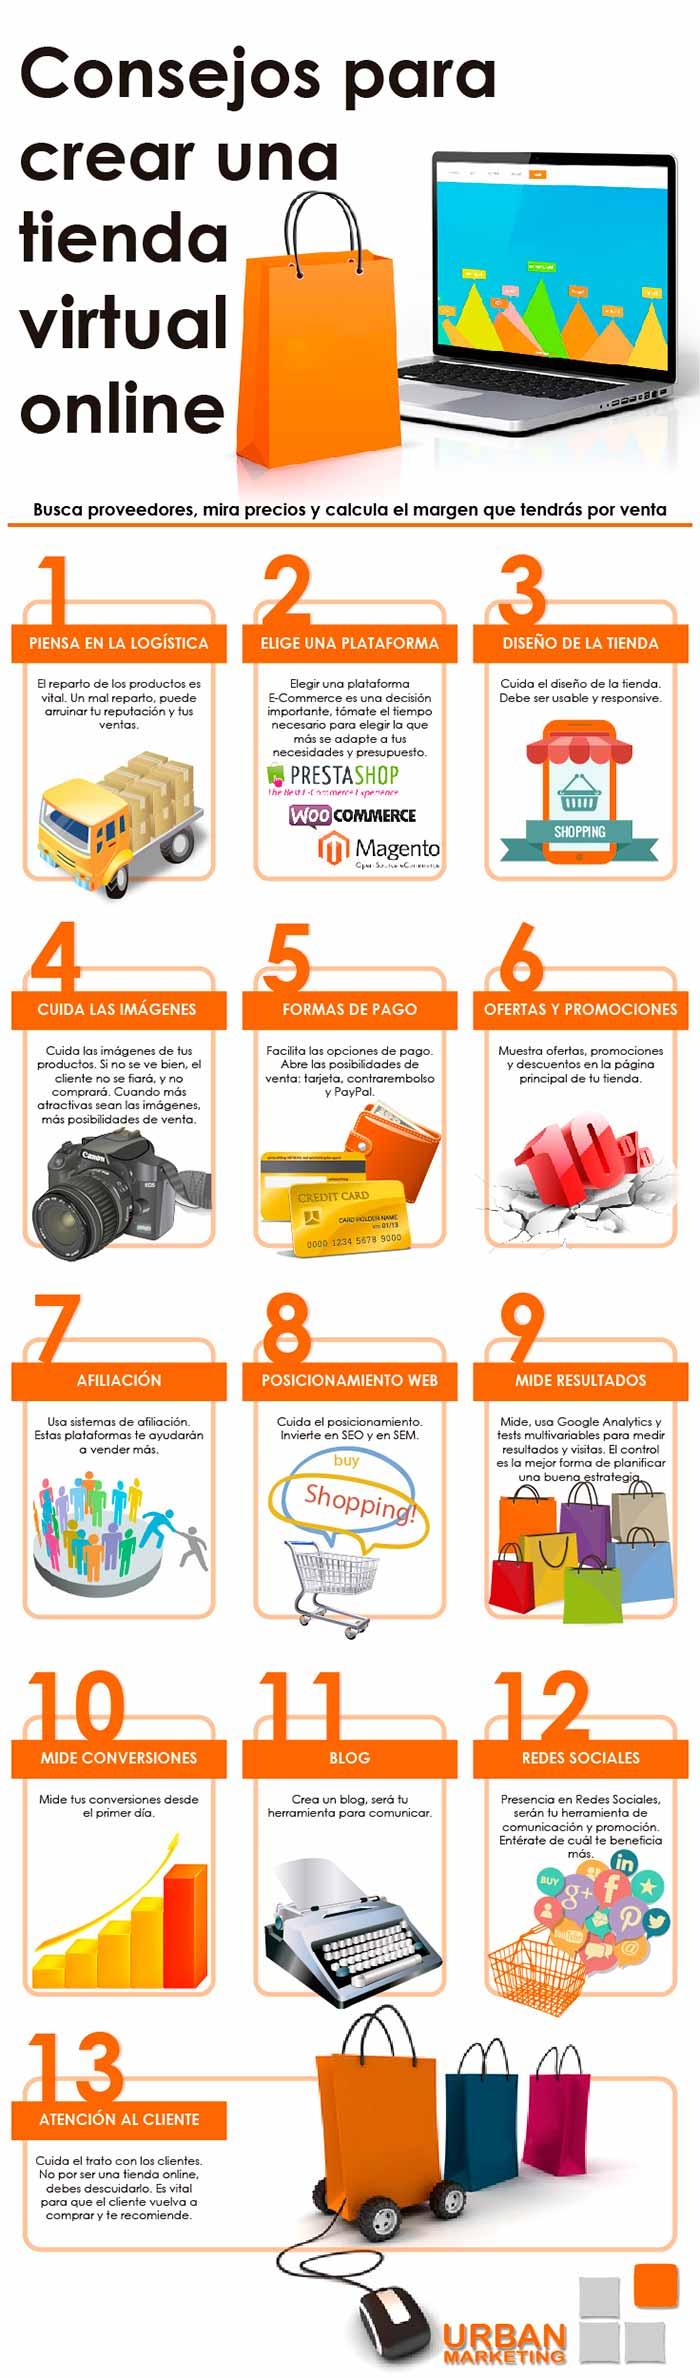 Infografia sobre consejos para una tienda virtual online